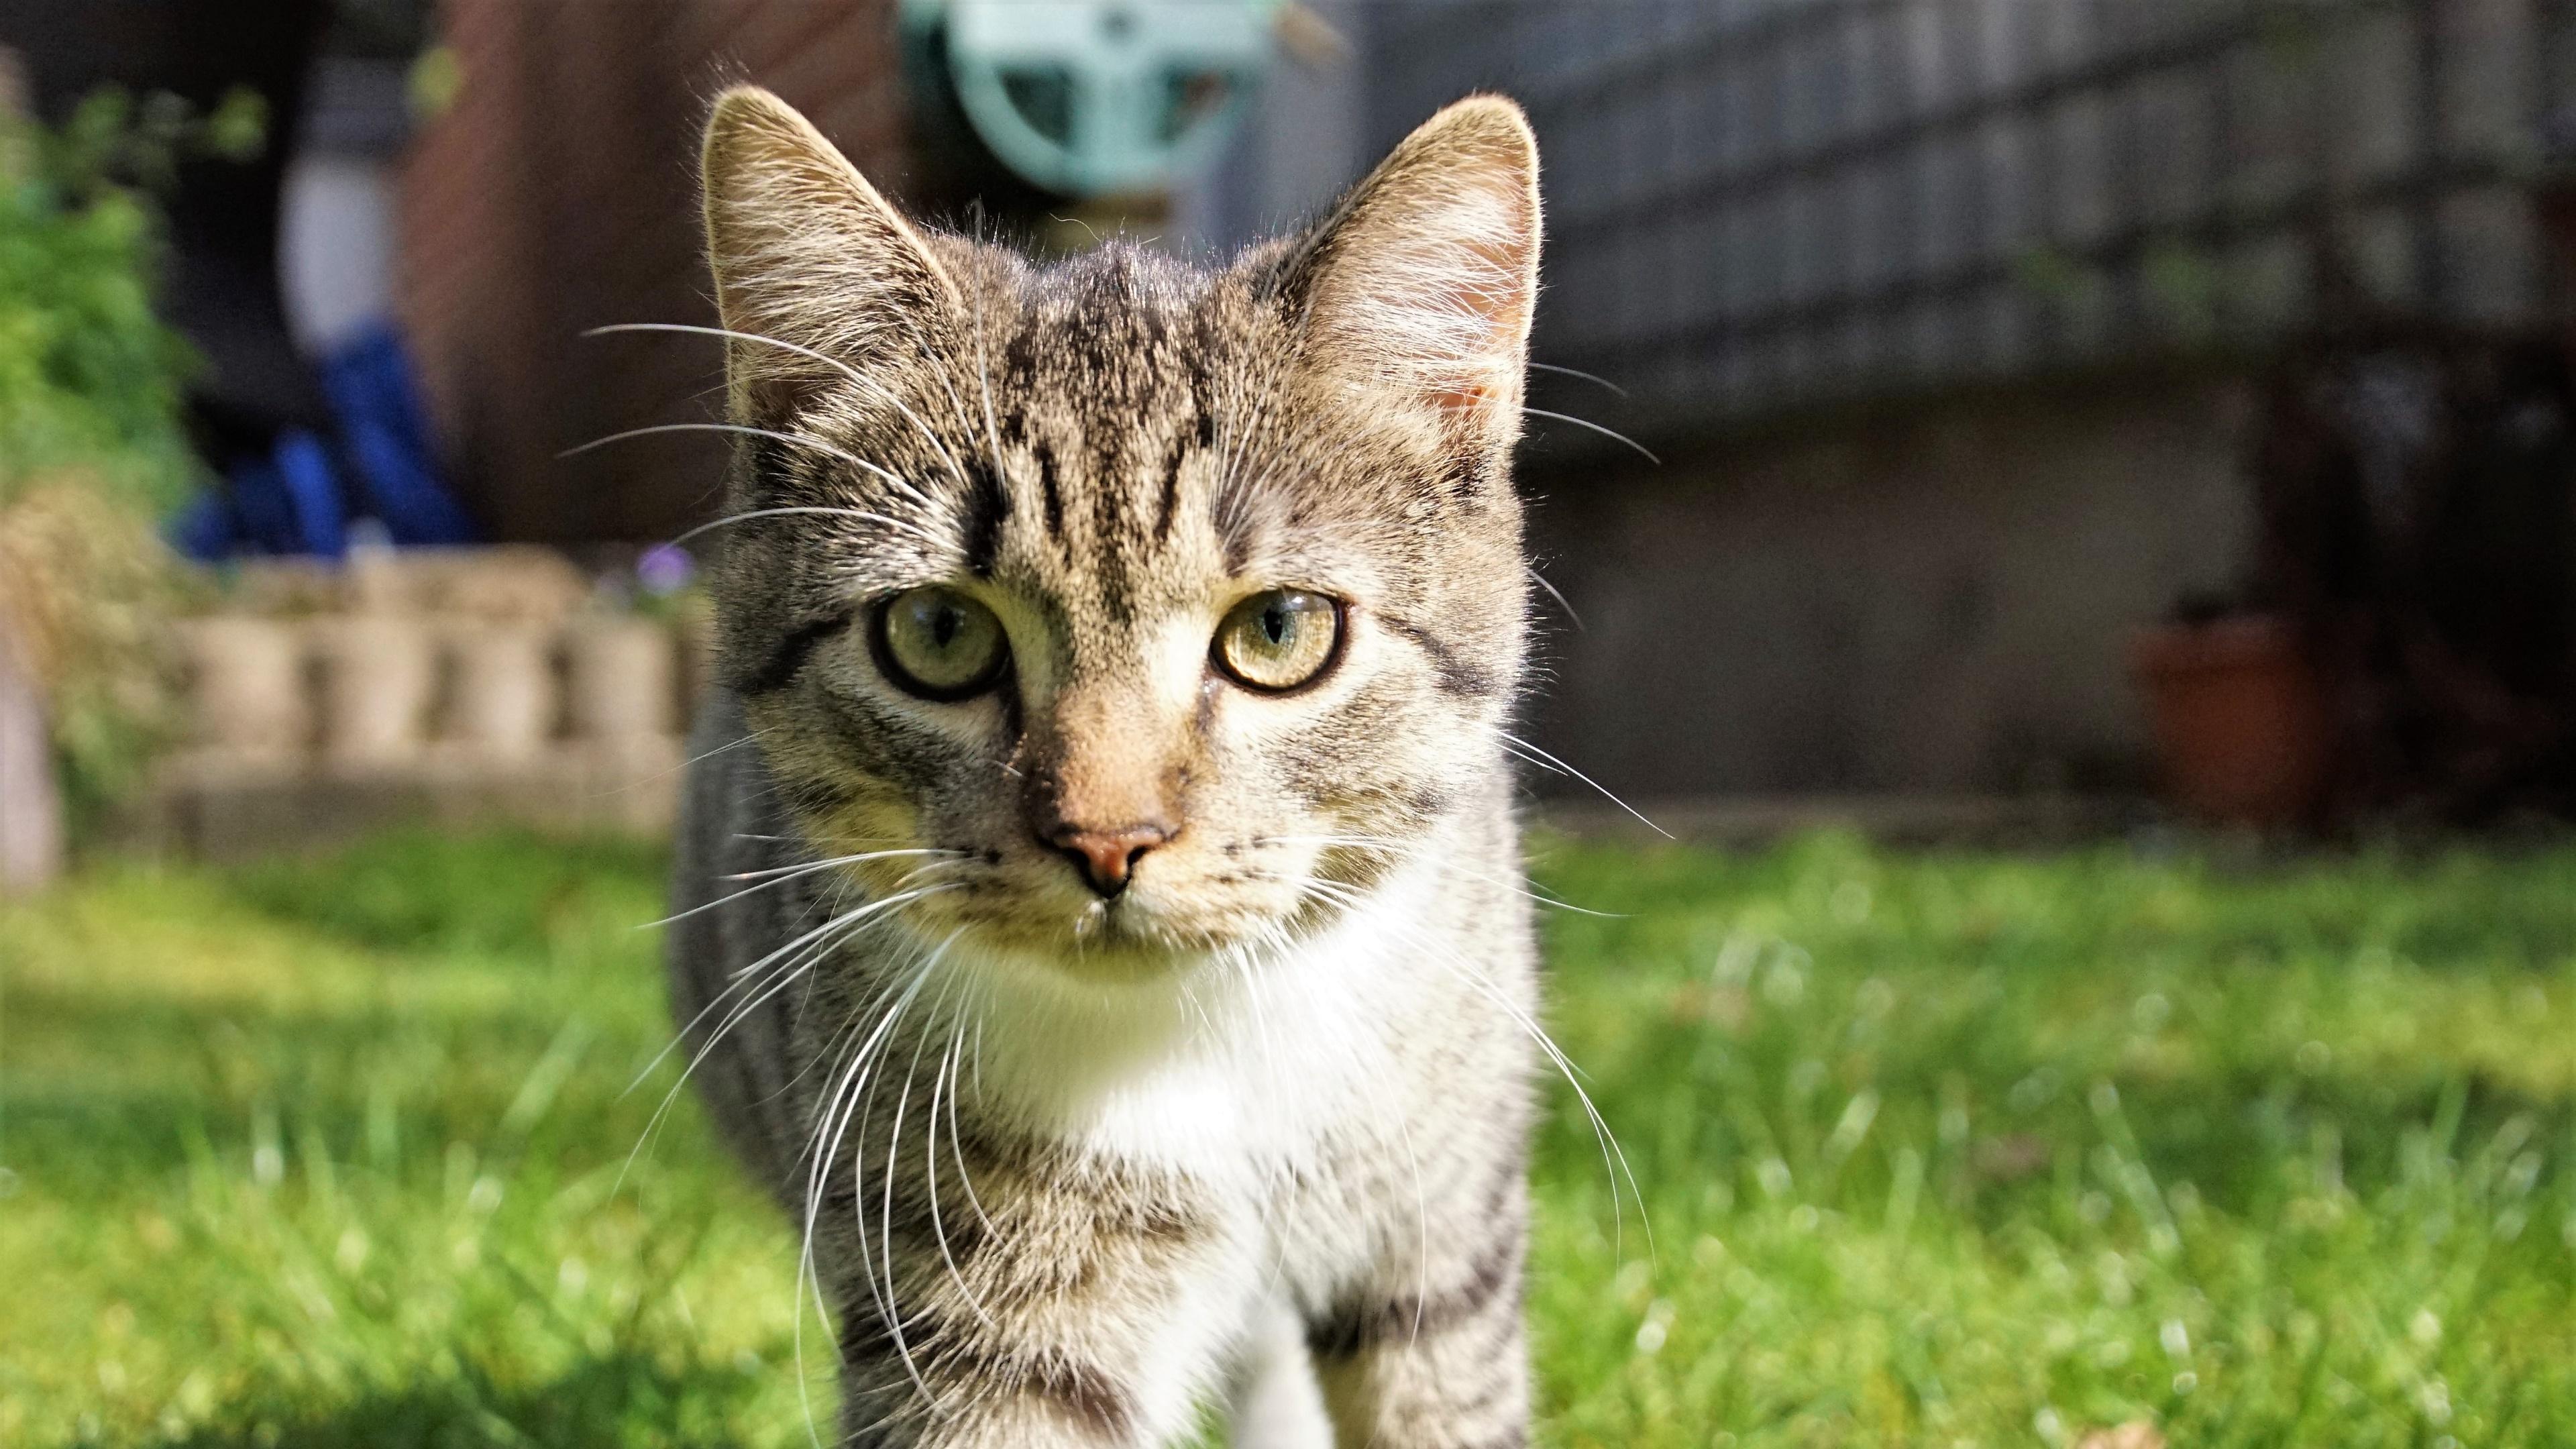 Cat in the garden wallpaper